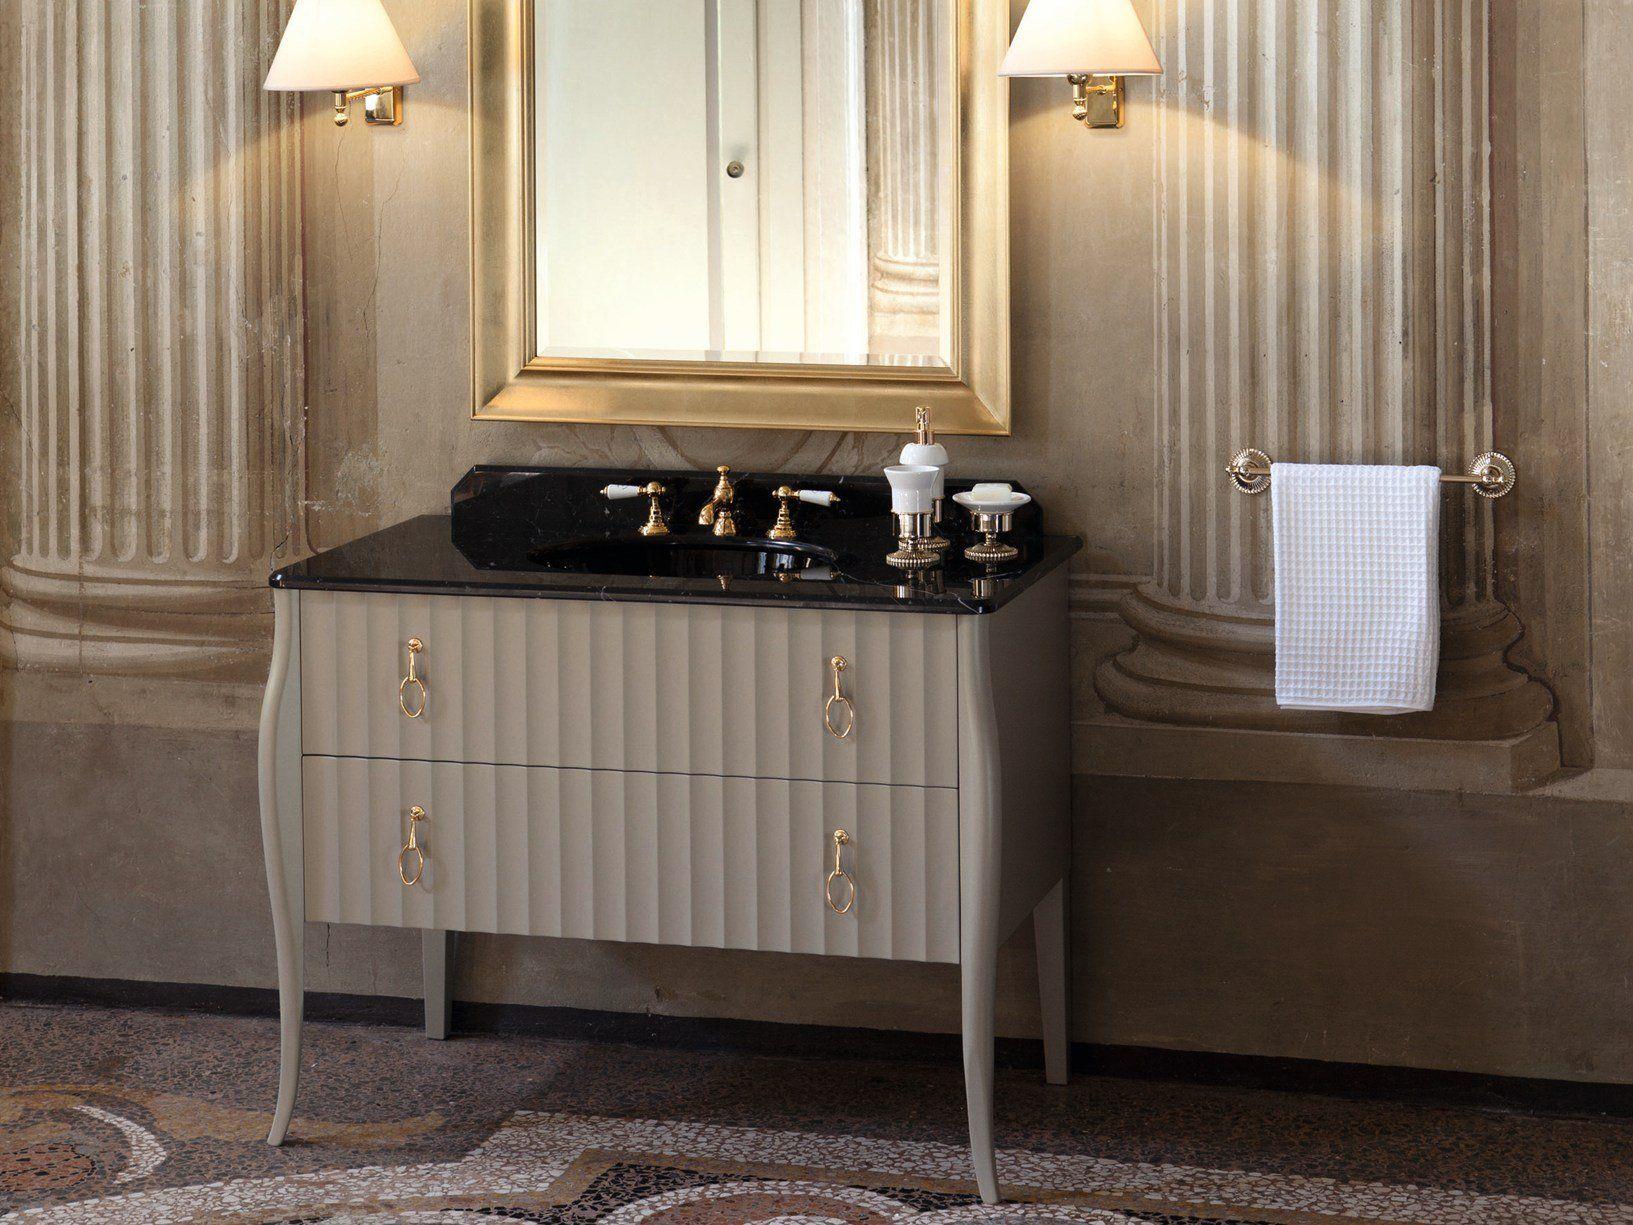 Gentry home presenta i mobili da bagno charlotte - Dimensione mobili ...